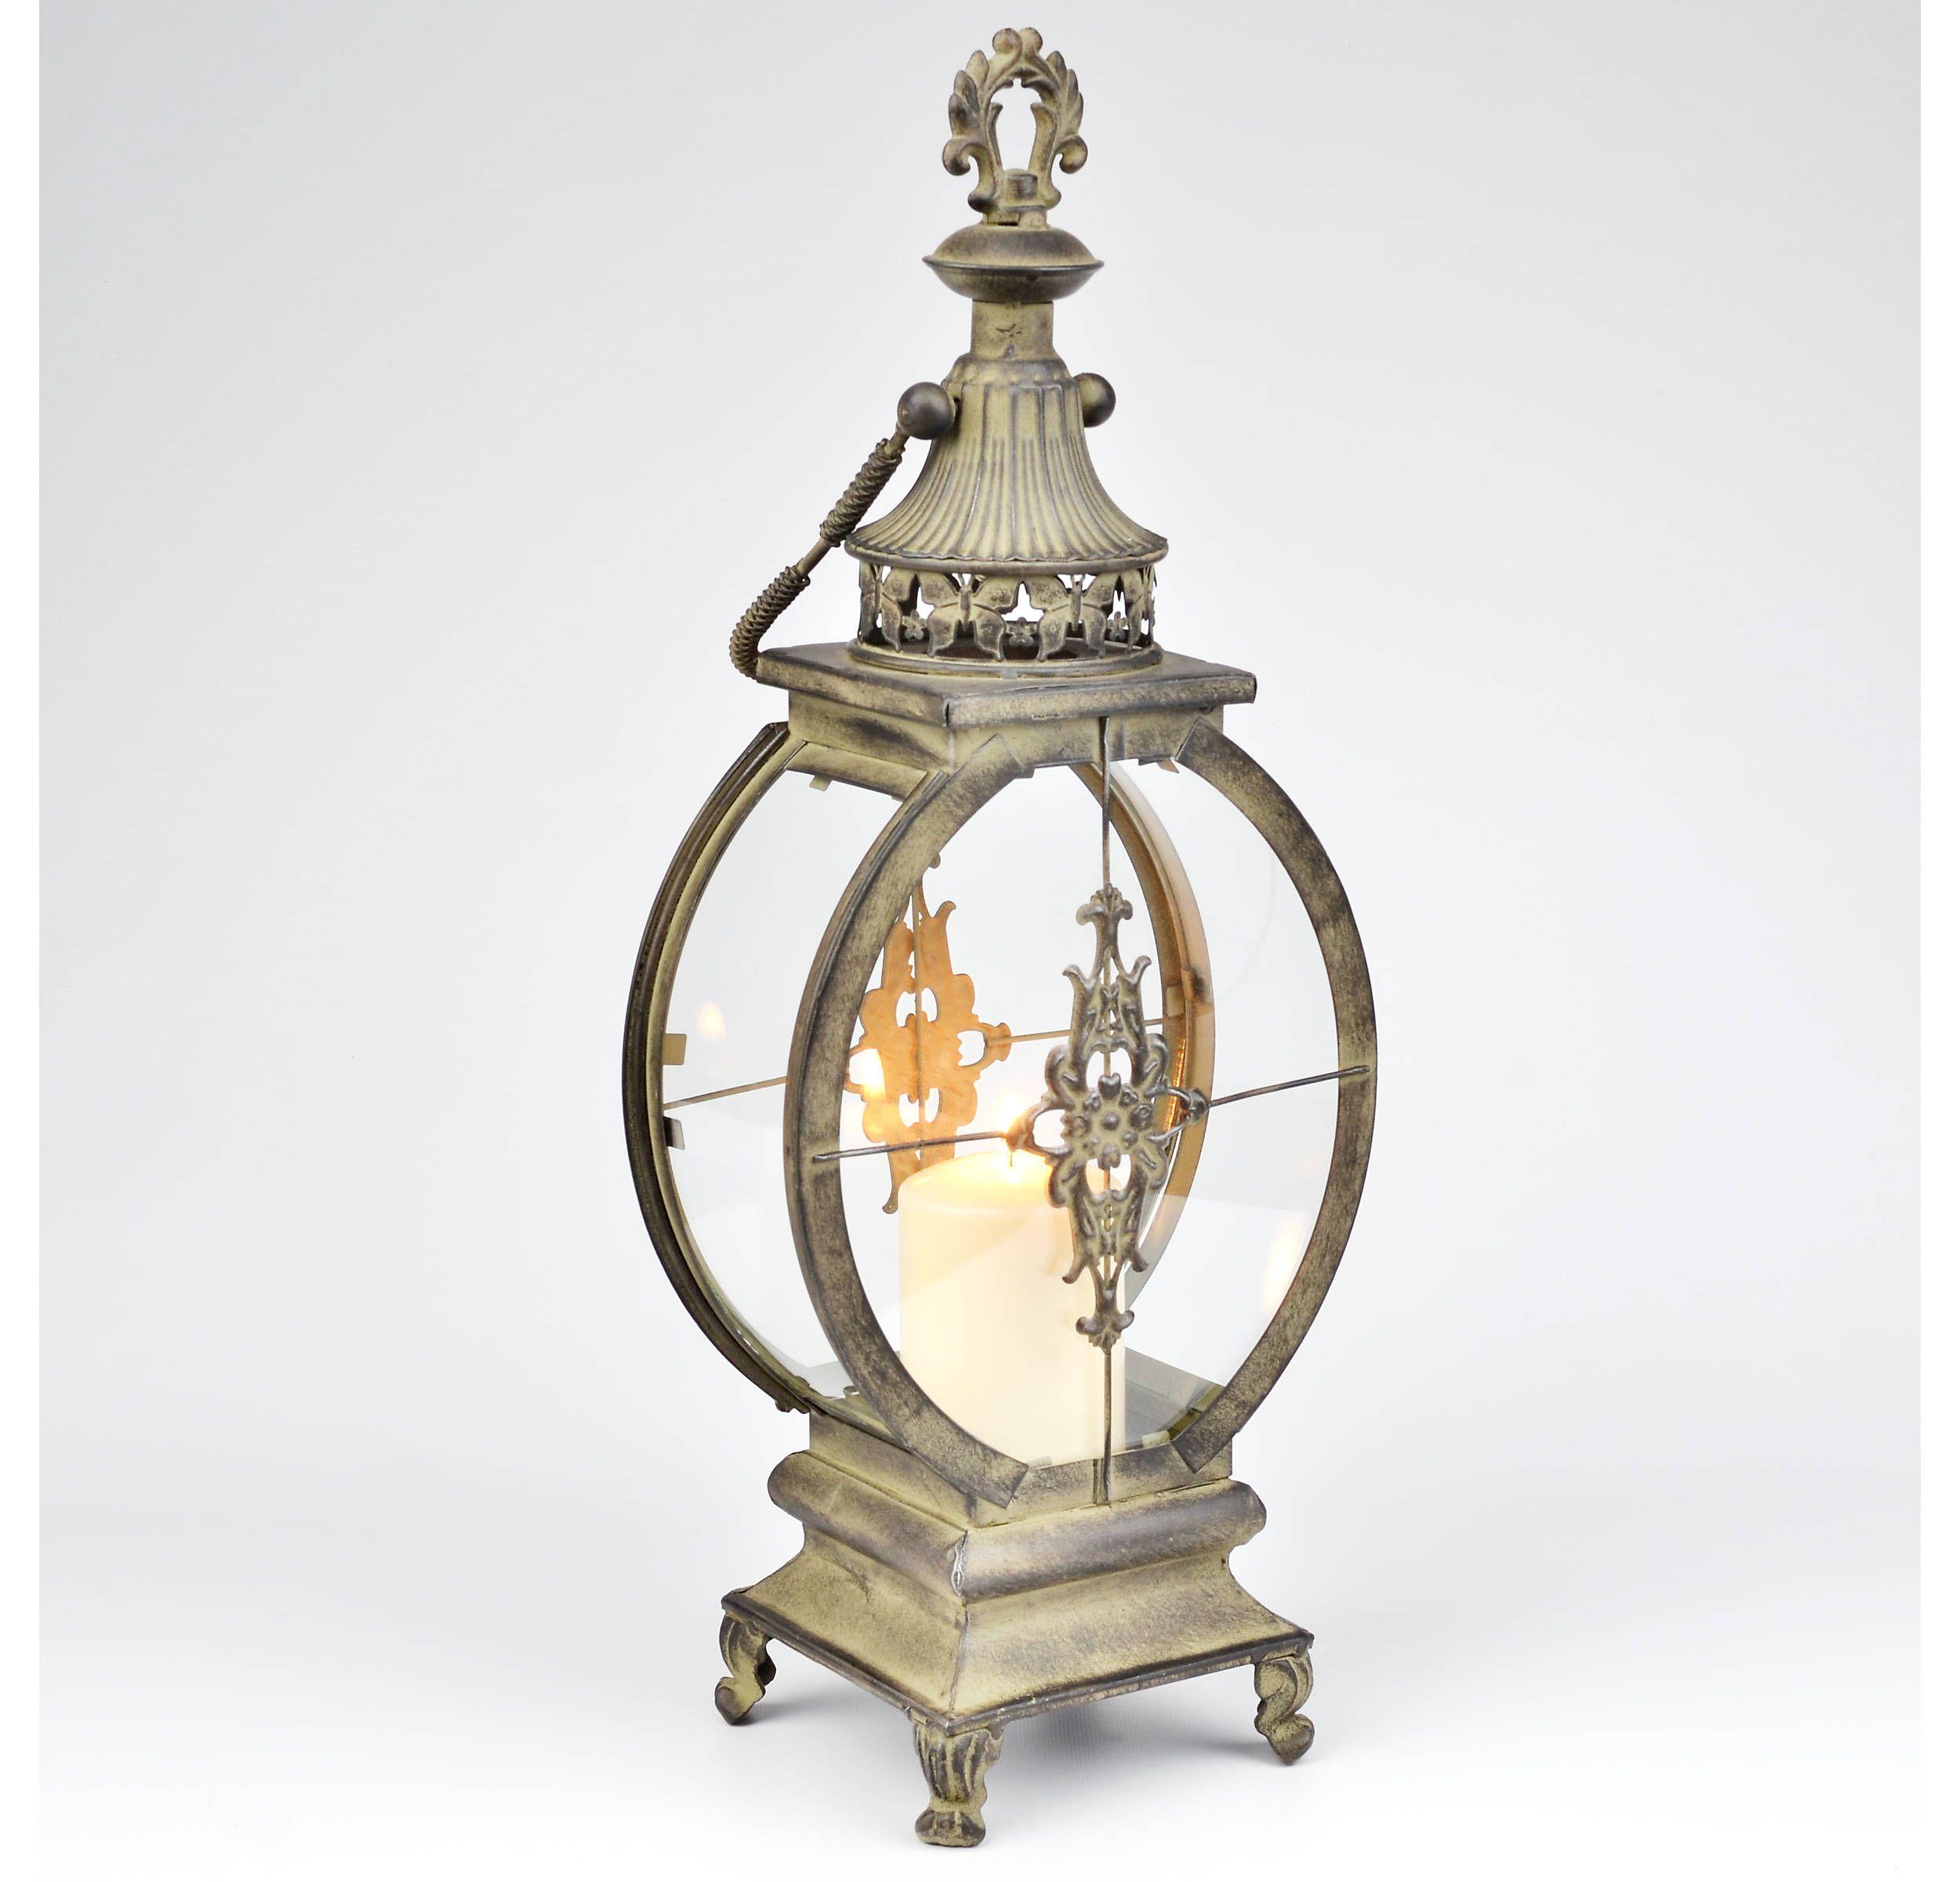 Metal Paris Lantern | Kirklands in 2020 | Metal lanterns ... on Lanterns At Kirklands id=39234